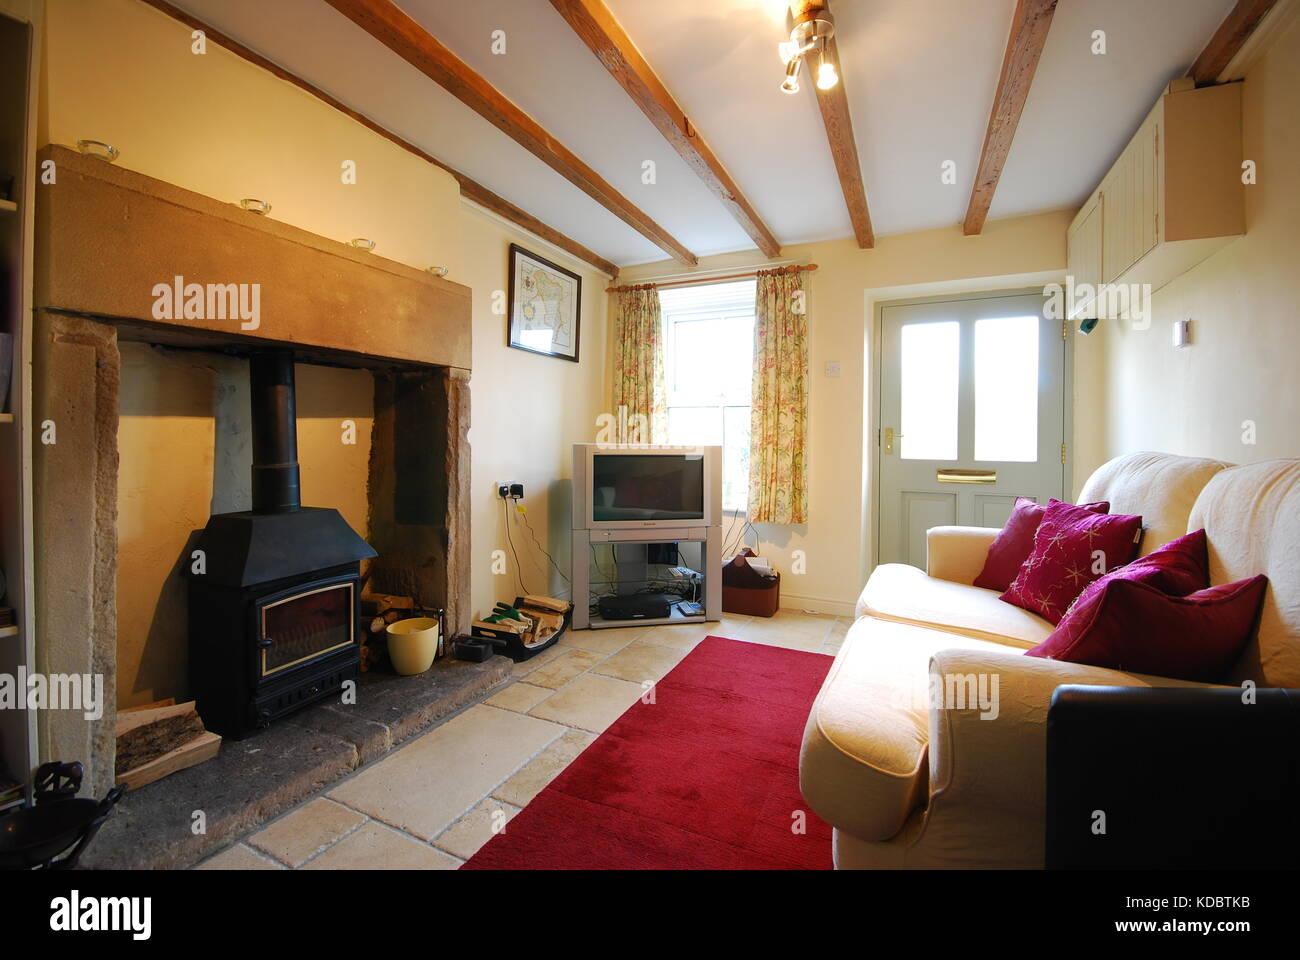 Gemütliche Wohnzimmer in kleinen Derbyshire Cottage Stockfoto, Bild ...